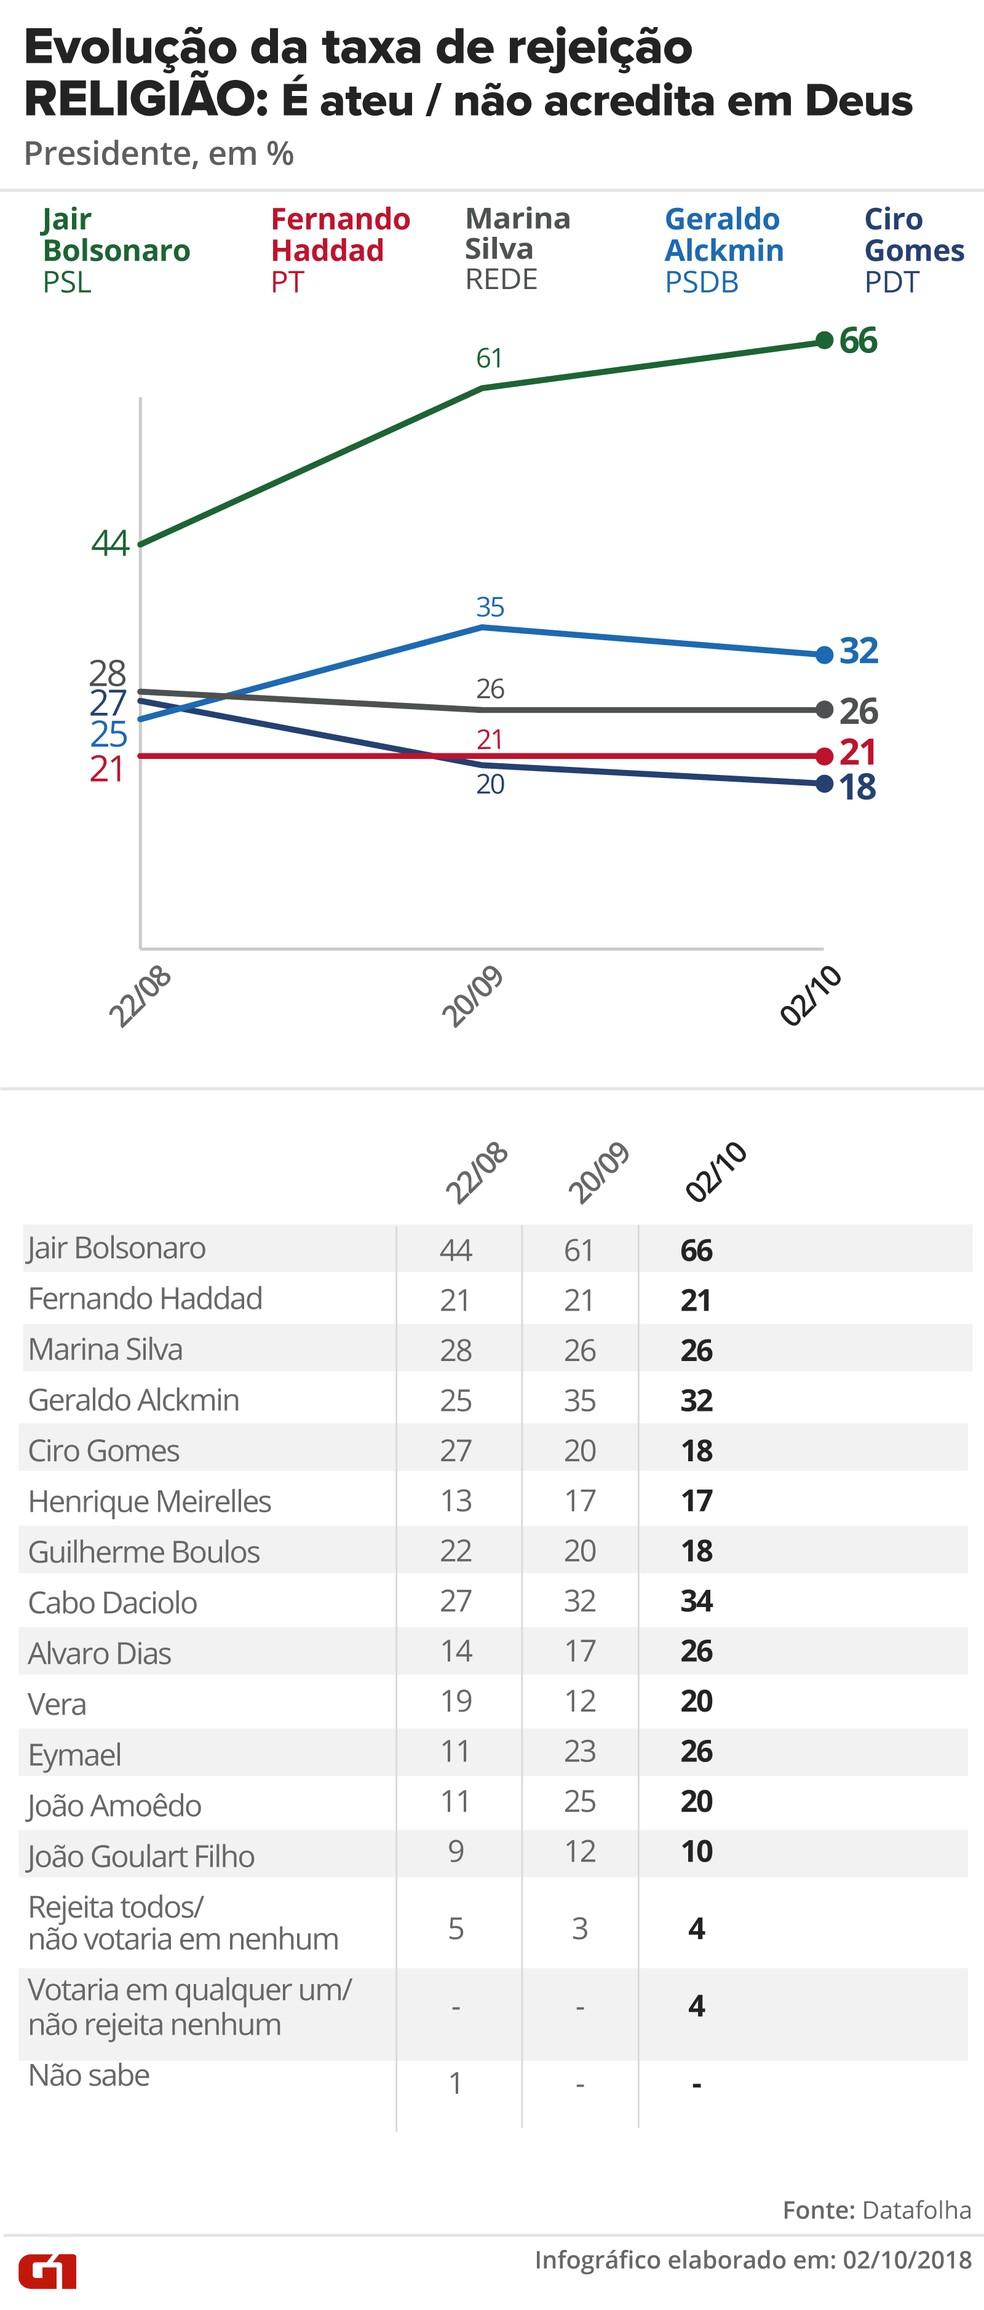 Pesquisa Datafolha, 2/10 para presidente - Rejeição - Religião: Ateu — Foto: G1 Arte